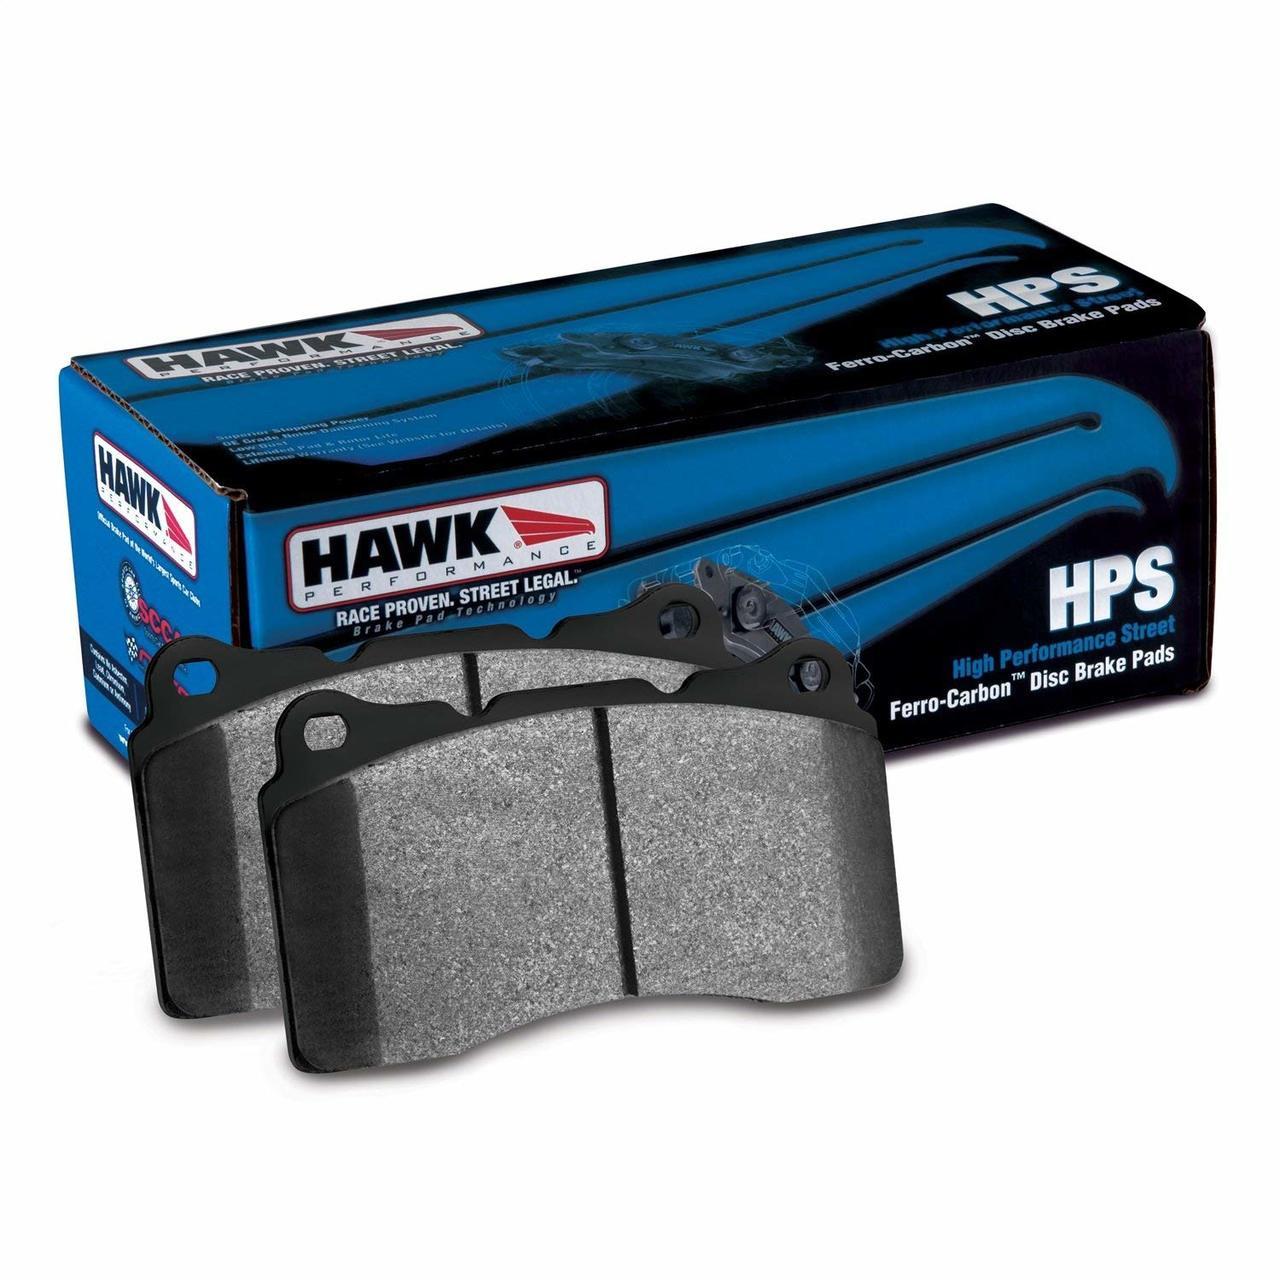 HAWK BRAKE PADS ACURA/ HONDA REAR